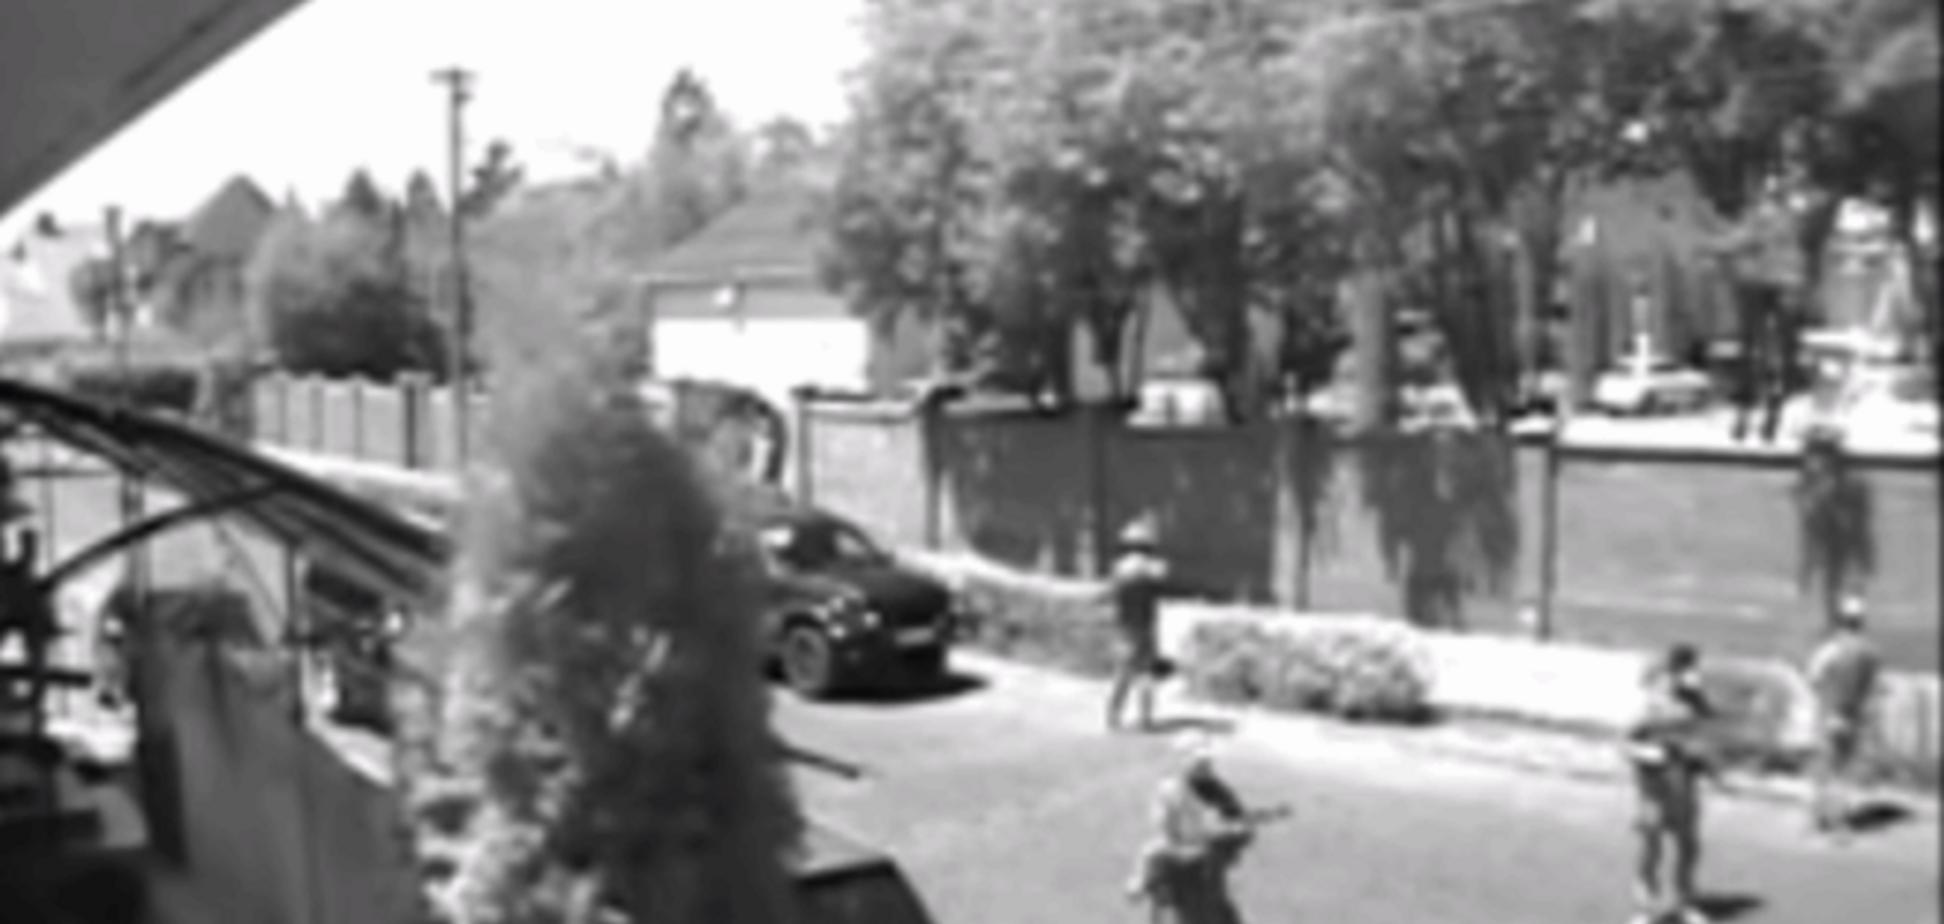 Начало стрельбы в Мукачево: опубликованы видео с камер наблюдения